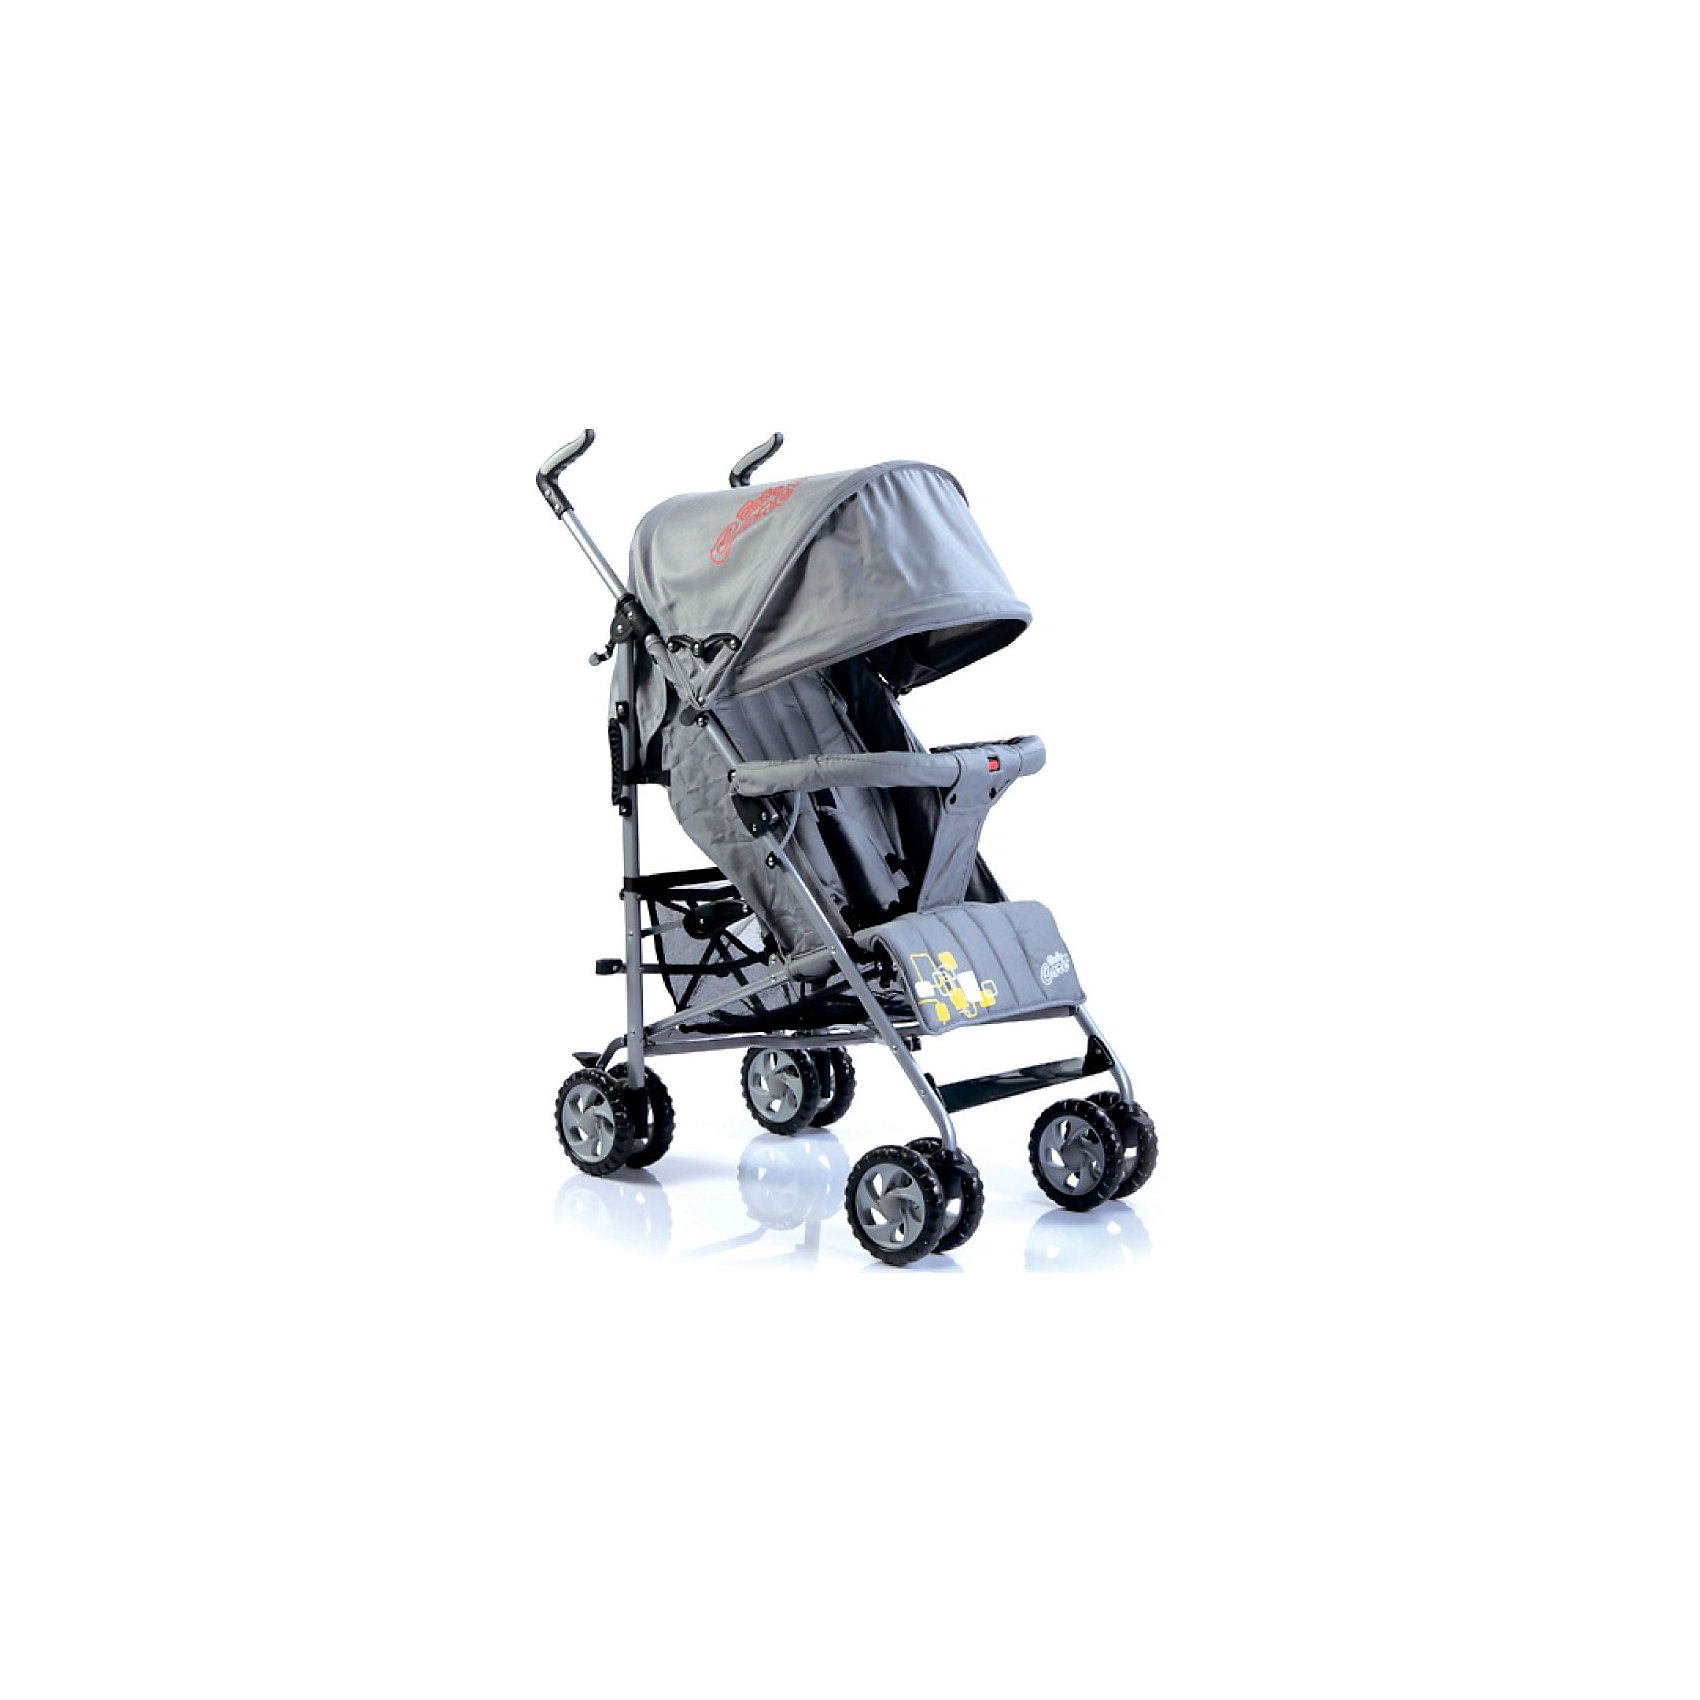 Коляска-трость Baby Care CityStyle, серыйНедорогие коляски<br>Характеристики коляски-трости CityStyle Baby Care:<br><br>• спинка коляски регулируется плавно, несколько положений;<br>• имеются 5-ти точечные ремни безопасности;<br>• имеется бампер и мягкий разделитель для ножек;<br>• капюшон оснащен солнцезащитным козырьком;<br>• чехлы прогулочного блока съемные, стираются при температуре 30 градусов.<br><br>Характеристики шасси коляски CityStyle Baby Care:<br><br>• тип складывания: трость;<br>• материал рамы: алюминий;<br>• сдвоенные колеса, передние поворотные;<br>• фиксатор от раскладывания, механический крючок;<br>• сетчатая корзина для покупок;<br>• стояночный ножной тормоз.<br><br>Размеры коляски:<br><br>• размер в разложенном виде: 50х68х105 см;<br>• вес коляски: 6,2 кг;<br>• ширина сиденья: 34 см;<br>• глубина сиденья: 32 см;<br>• длина спального места: 78 см;<br>• ширина колесной базы: 47 см;<br>• диаметр колес: 15 см;<br>• размер упаковки: 100,5х20х27 см;<br>• вес упаковки: 7,5 кг.<br><br>Коляска-трость предназначена для детей в возрасте от 7 месяцев до 3-х лет. Легкая и маневренная прогулочная коляска подходит для путешествий. Наклон спинки коляски плавно регулируется 5 положениях. Коляска оснащена страховочным бампером и ремнями безопасности. Глубокий капор защищает малыша от солнечных лучей и небольших осадков. <br><br>Коляску-трость CityStyle, Baby Care, серую можно купить в нашем интернет-магазине.<br><br>Ширина мм: 1070<br>Глубина мм: 350<br>Высота мм: 300<br>Вес г: 7400<br>Цвет: серый<br>Возраст от месяцев: 6<br>Возраст до месяцев: 48<br>Пол: Унисекс<br>Возраст: Детский<br>SKU: 3534867